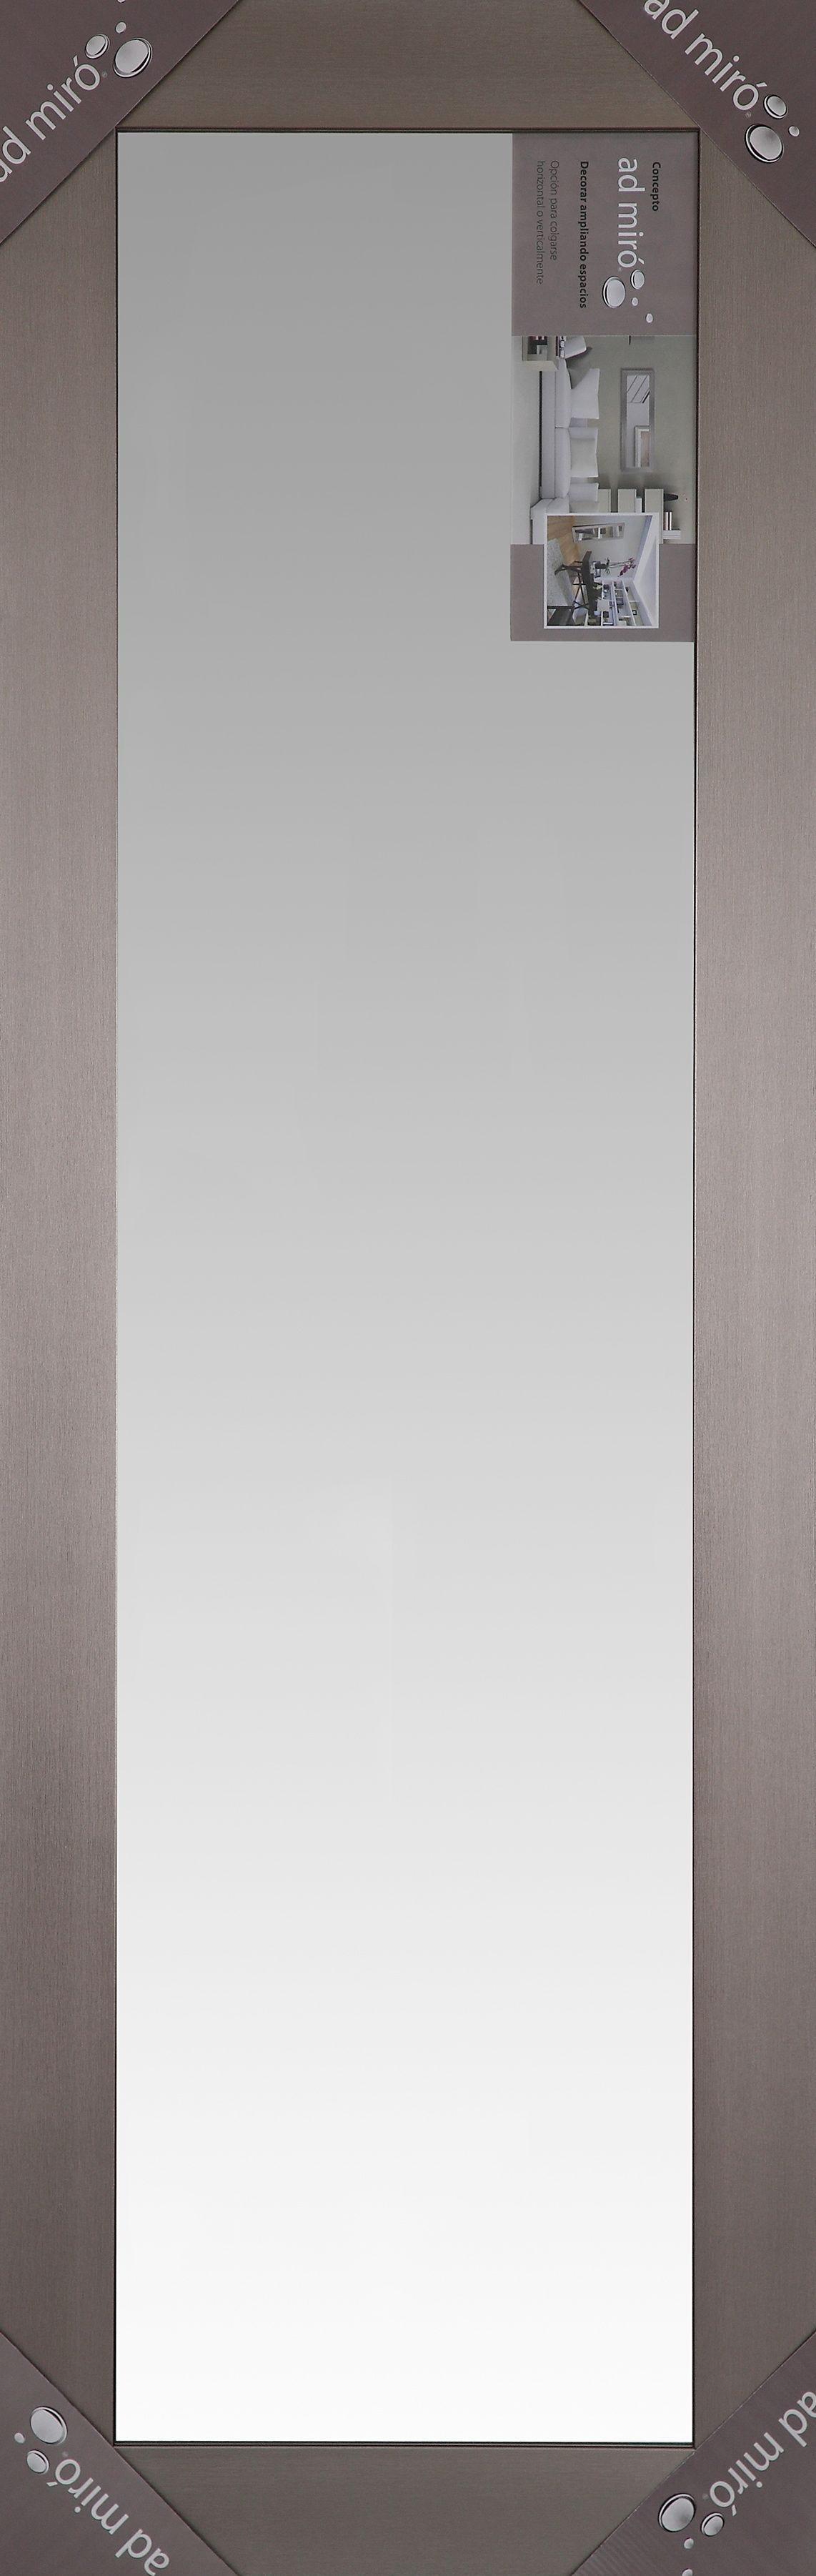 Espejo de cuerpo entero de 1.43 m x 46.99 cm en plata